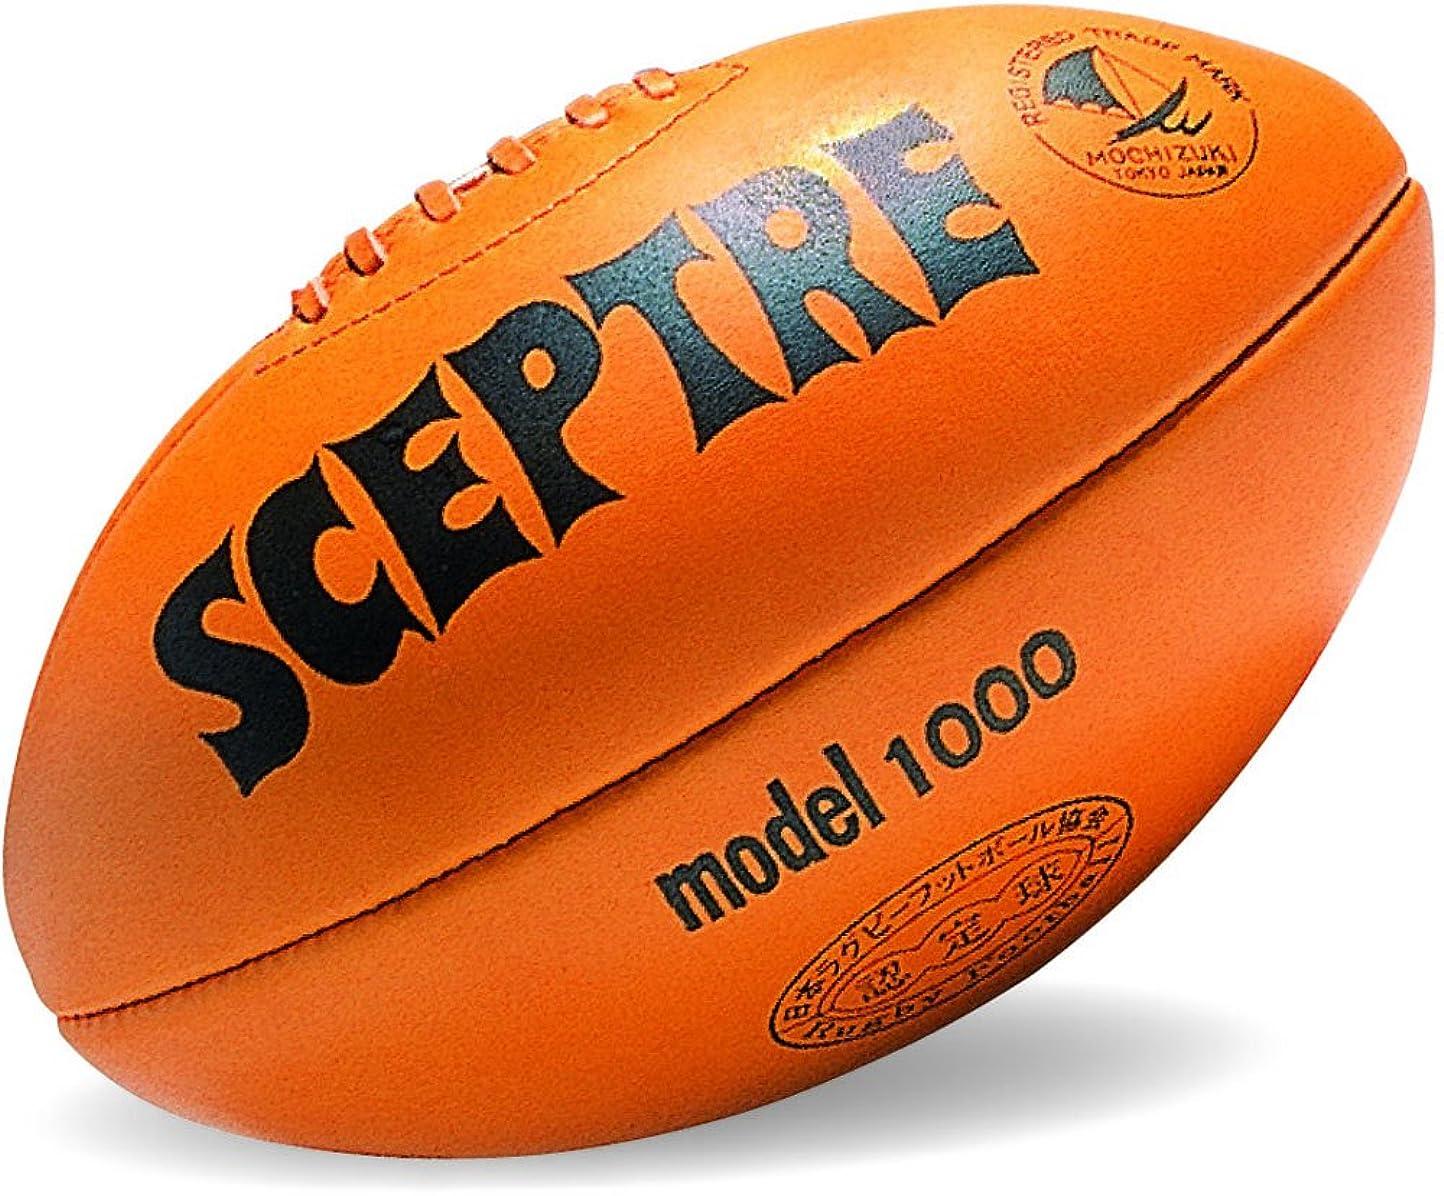 風味粘り強いそこSCEPTRE(セプター) ラグビー ボール モデル1000 ブラウン SP-2